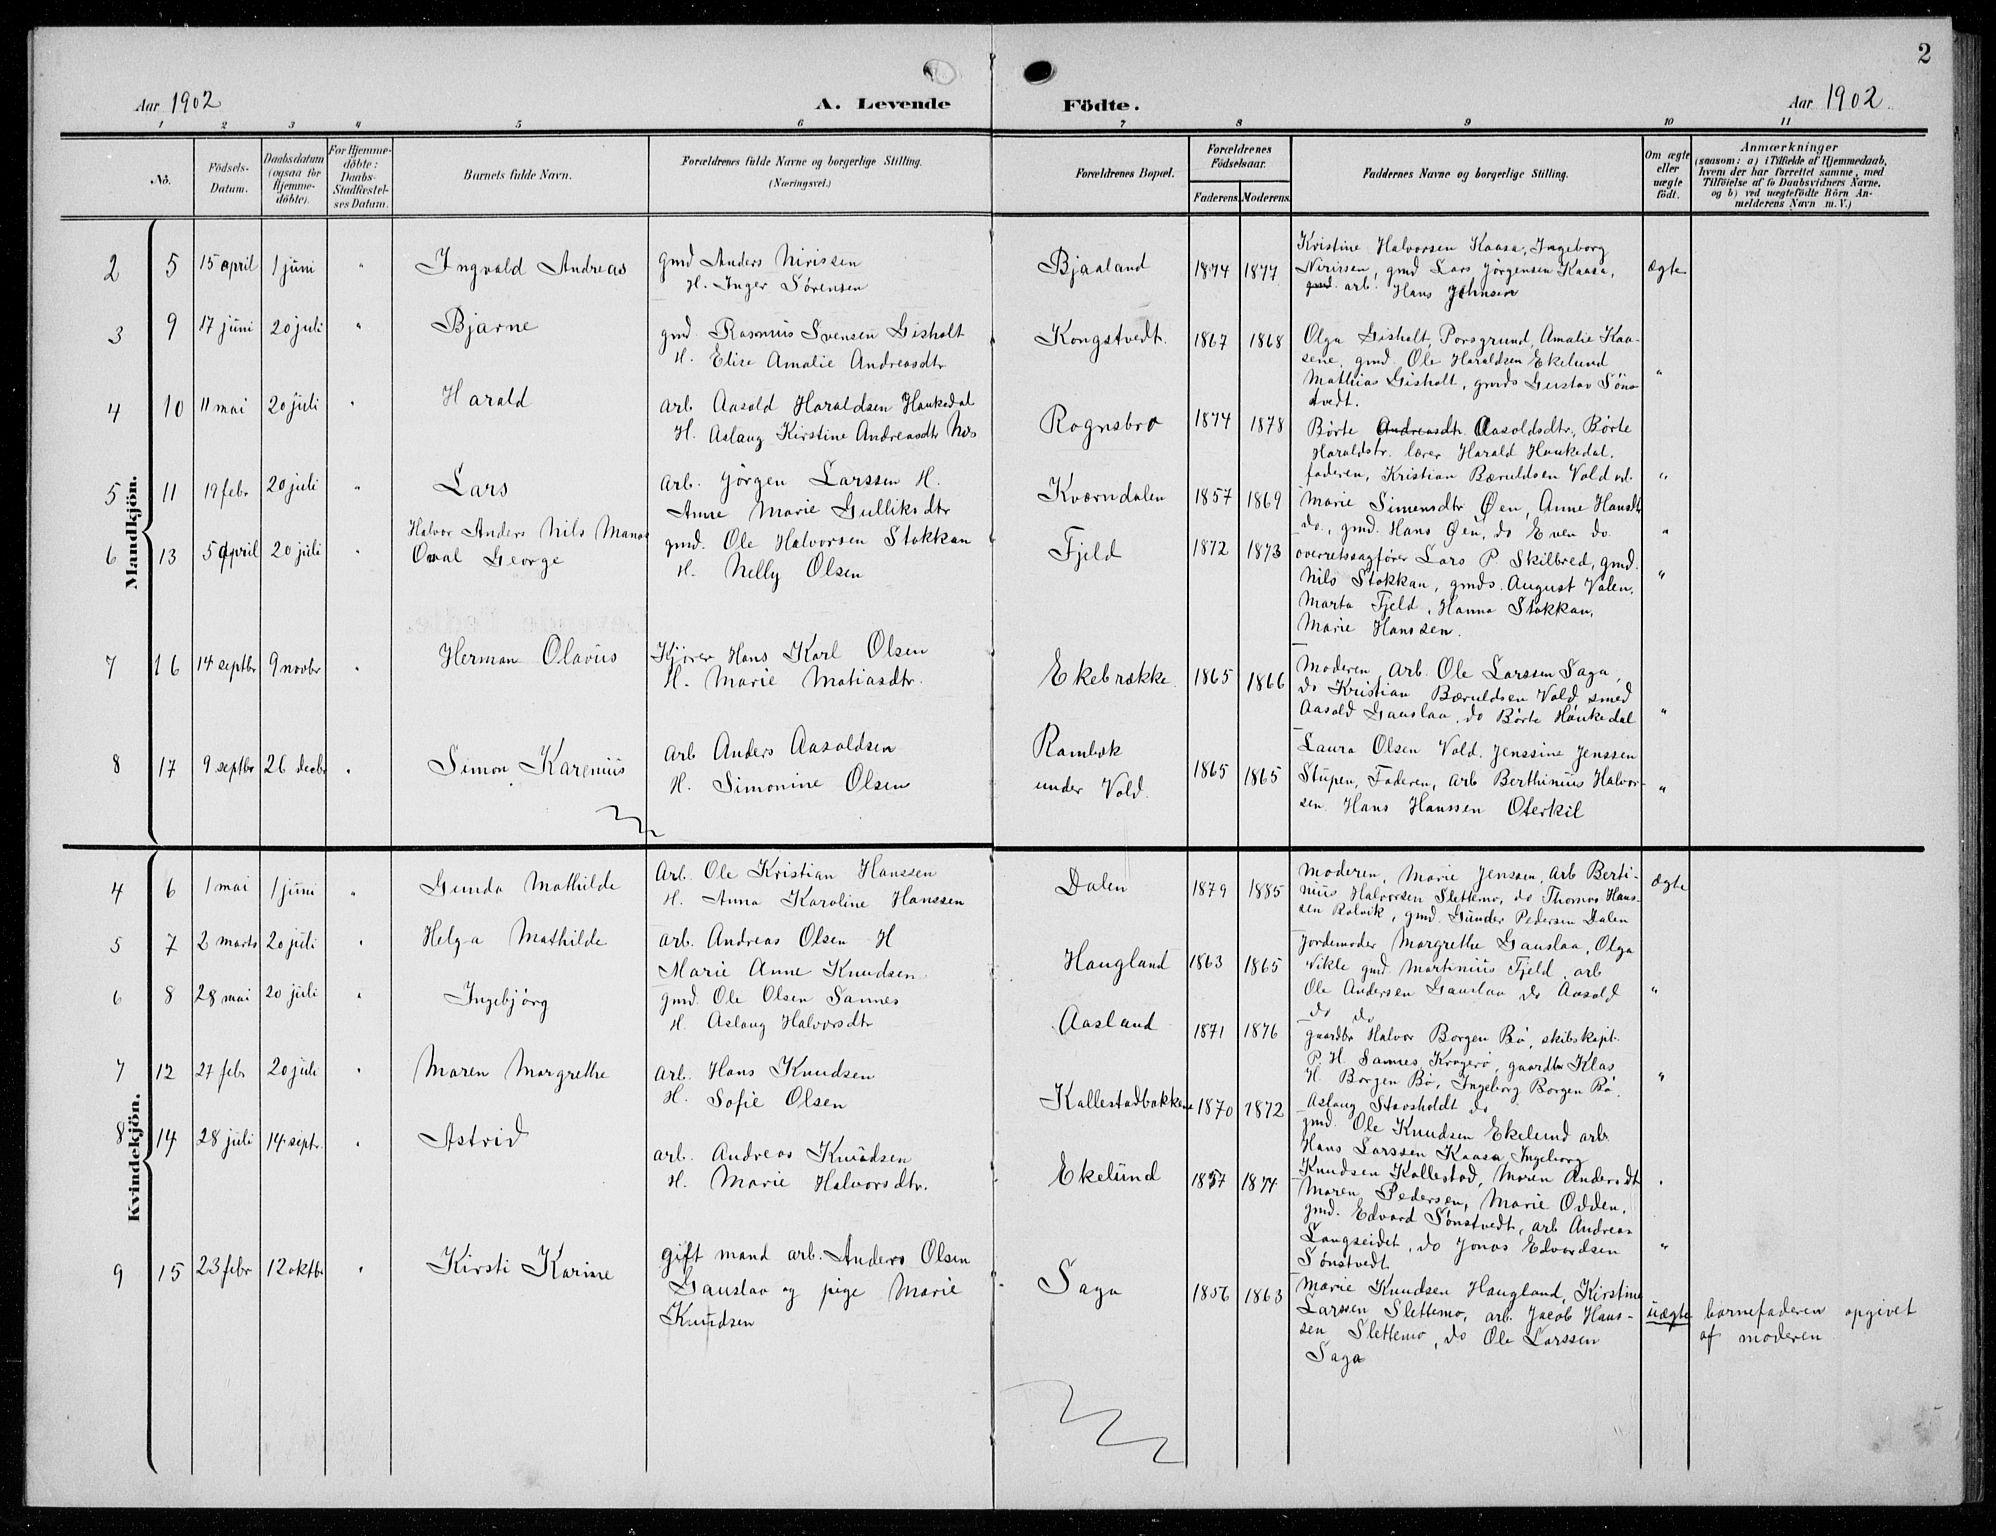 SAKO, Solum kirkebøker, G/Gc/L0002: Klokkerbok nr. III 2, 1902-1934, s. 2